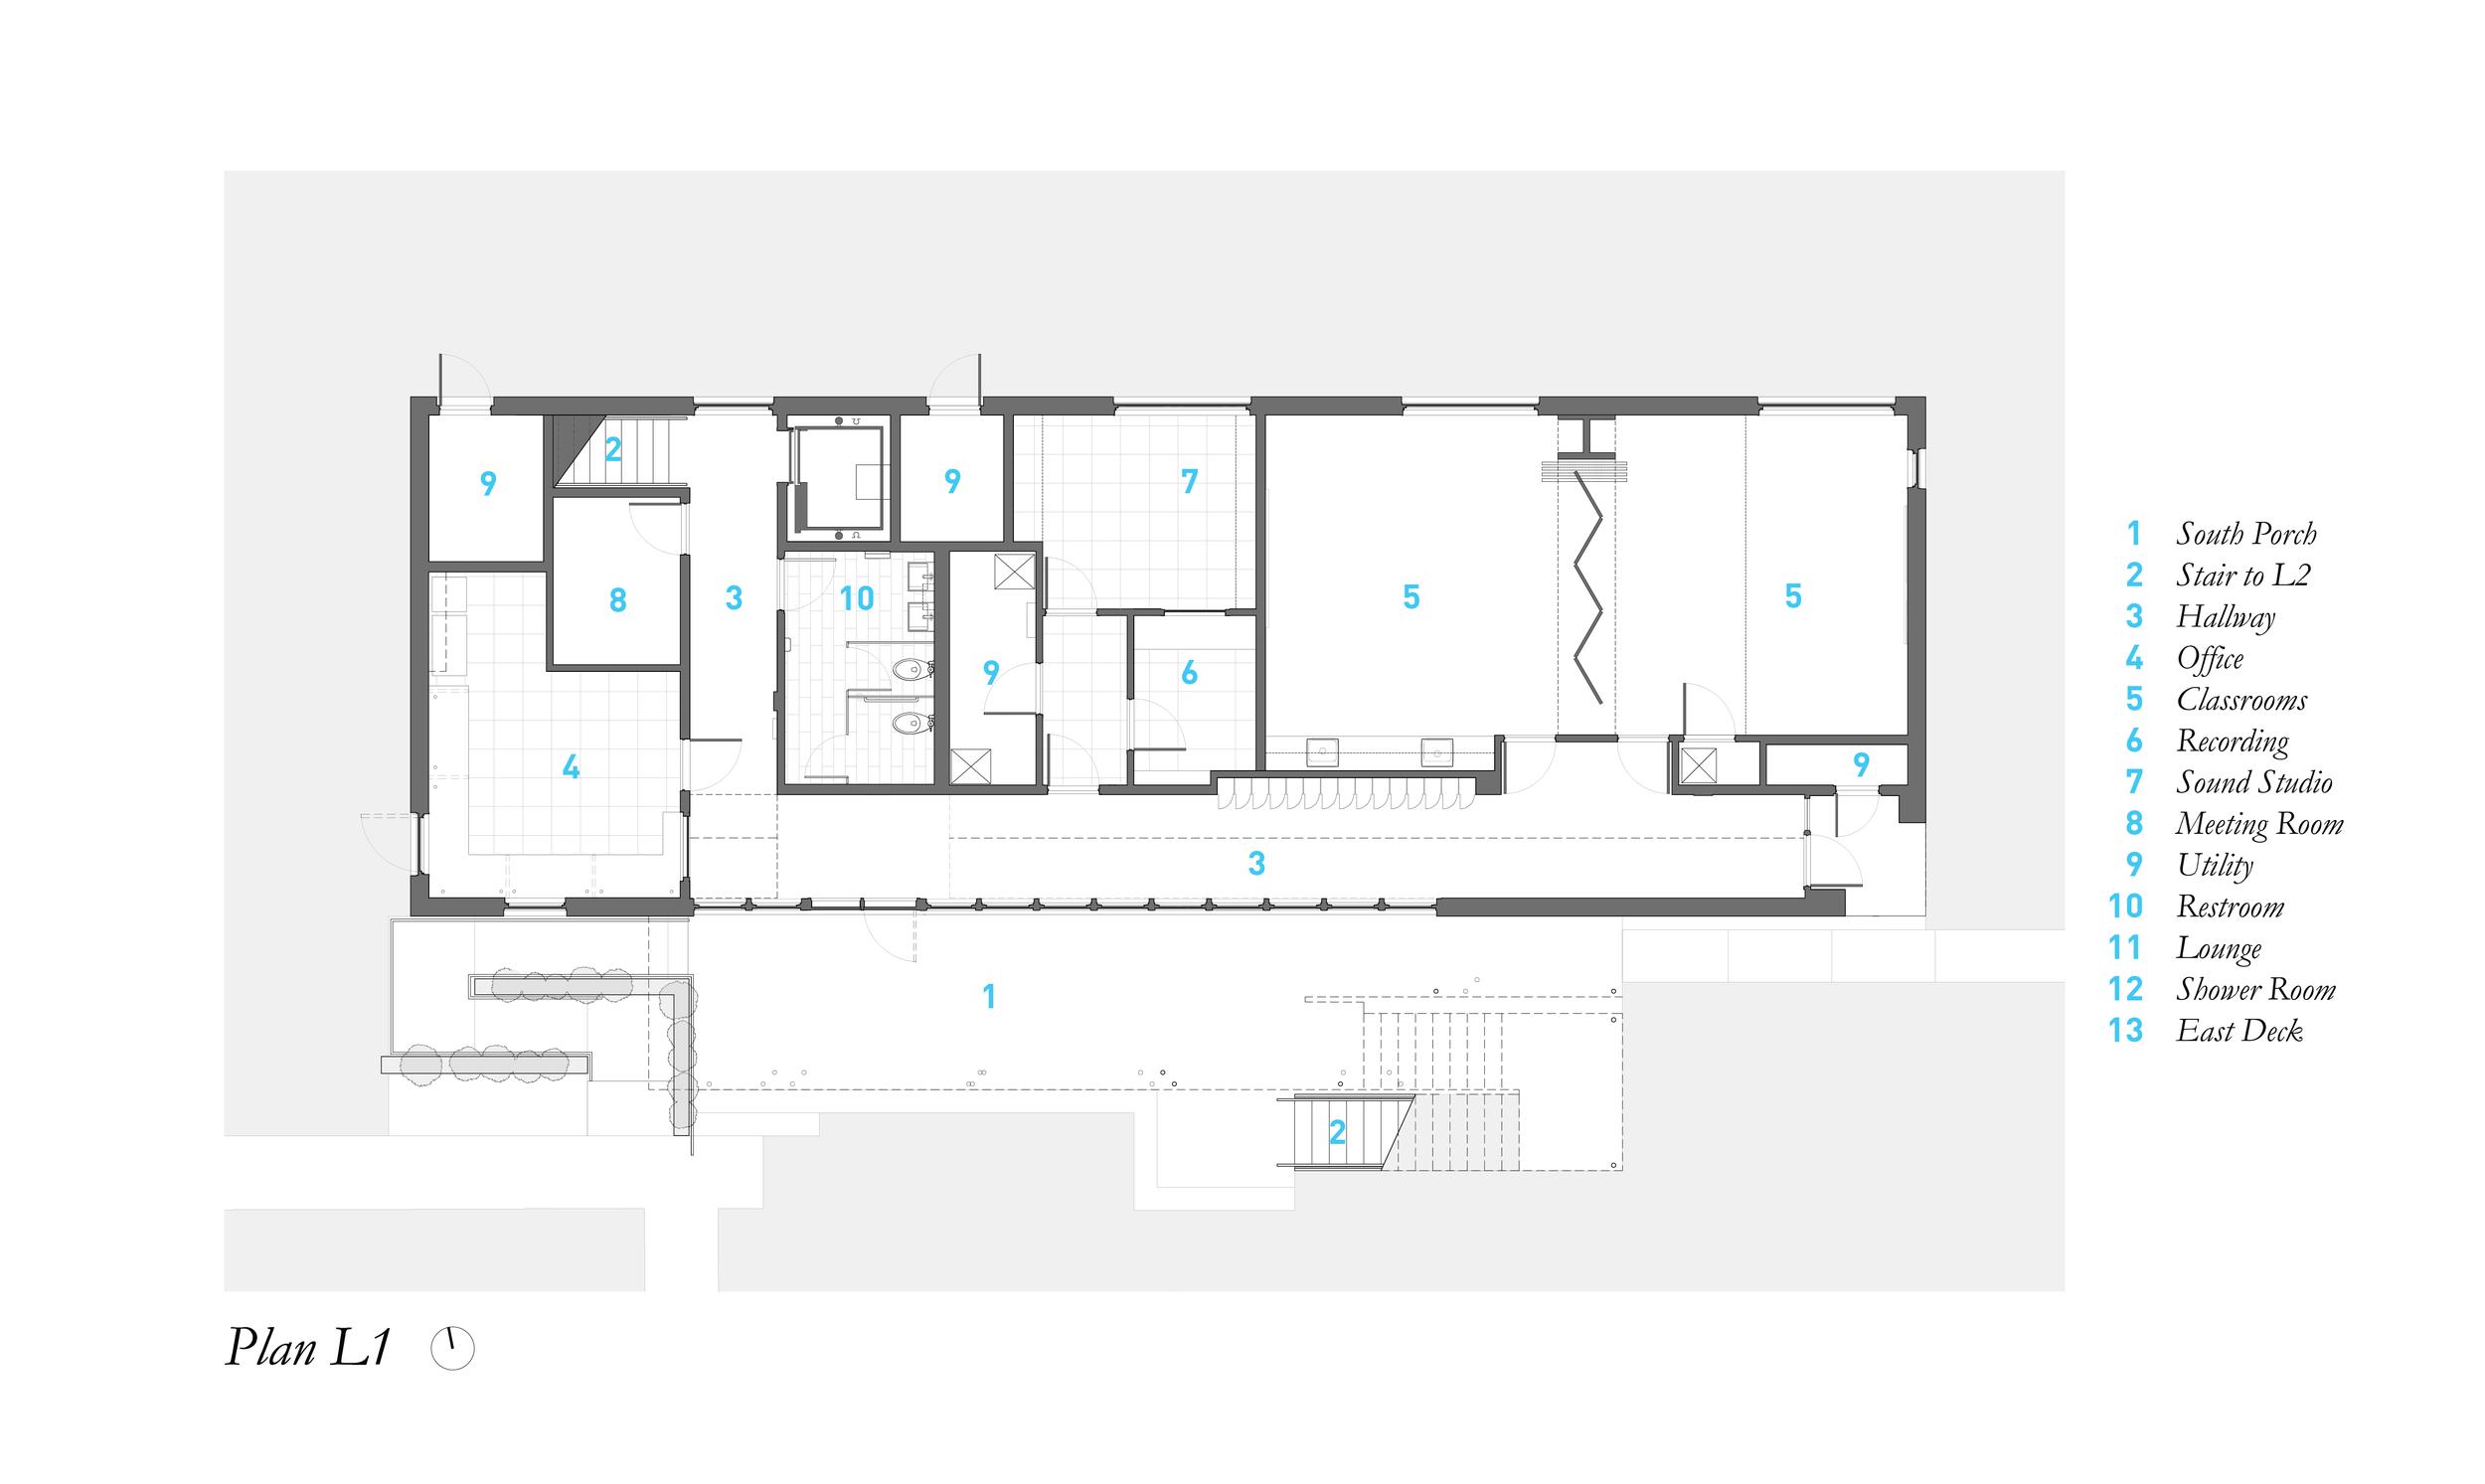 02 Griffin School_Floor Plan L1.png